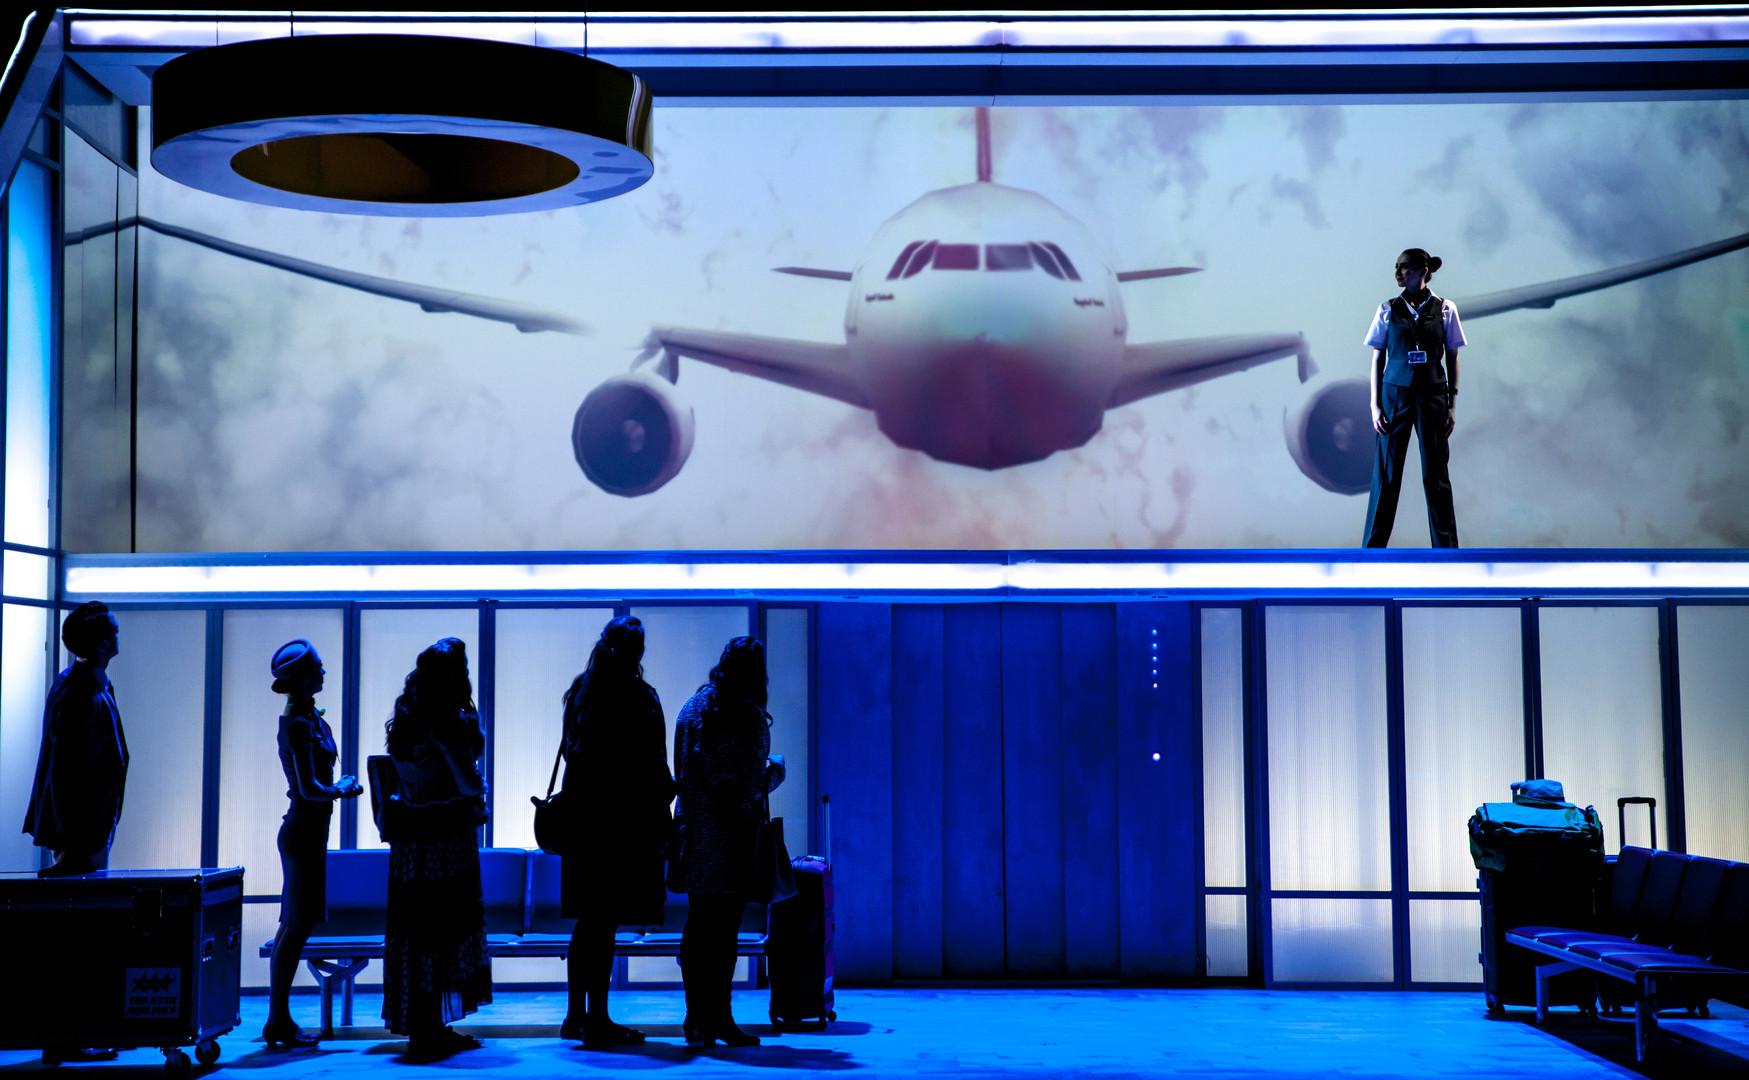 Flights 5